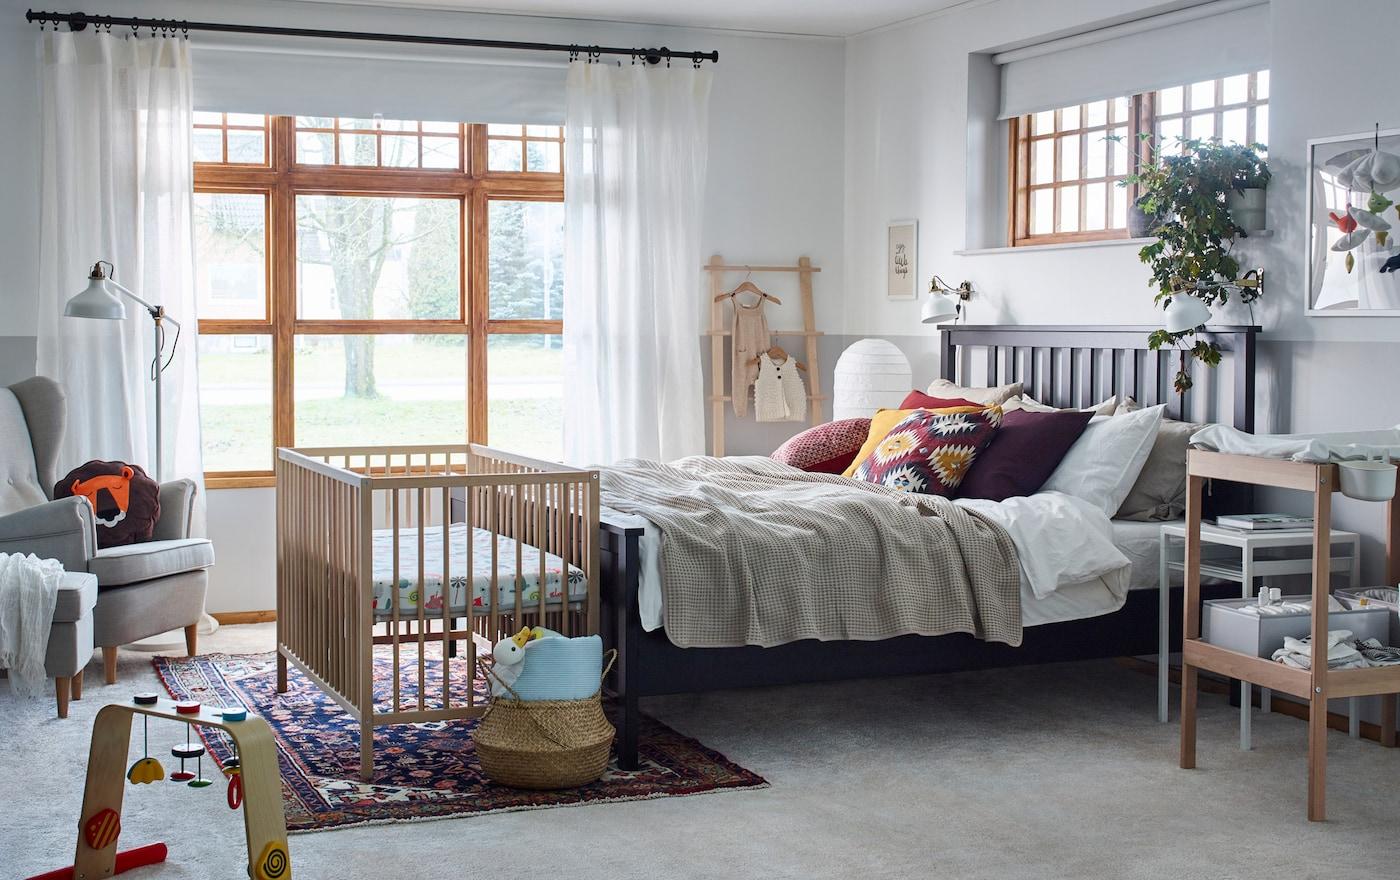 Kinderzimmer: Ideen & Inspirationen - IKEA Deutschland